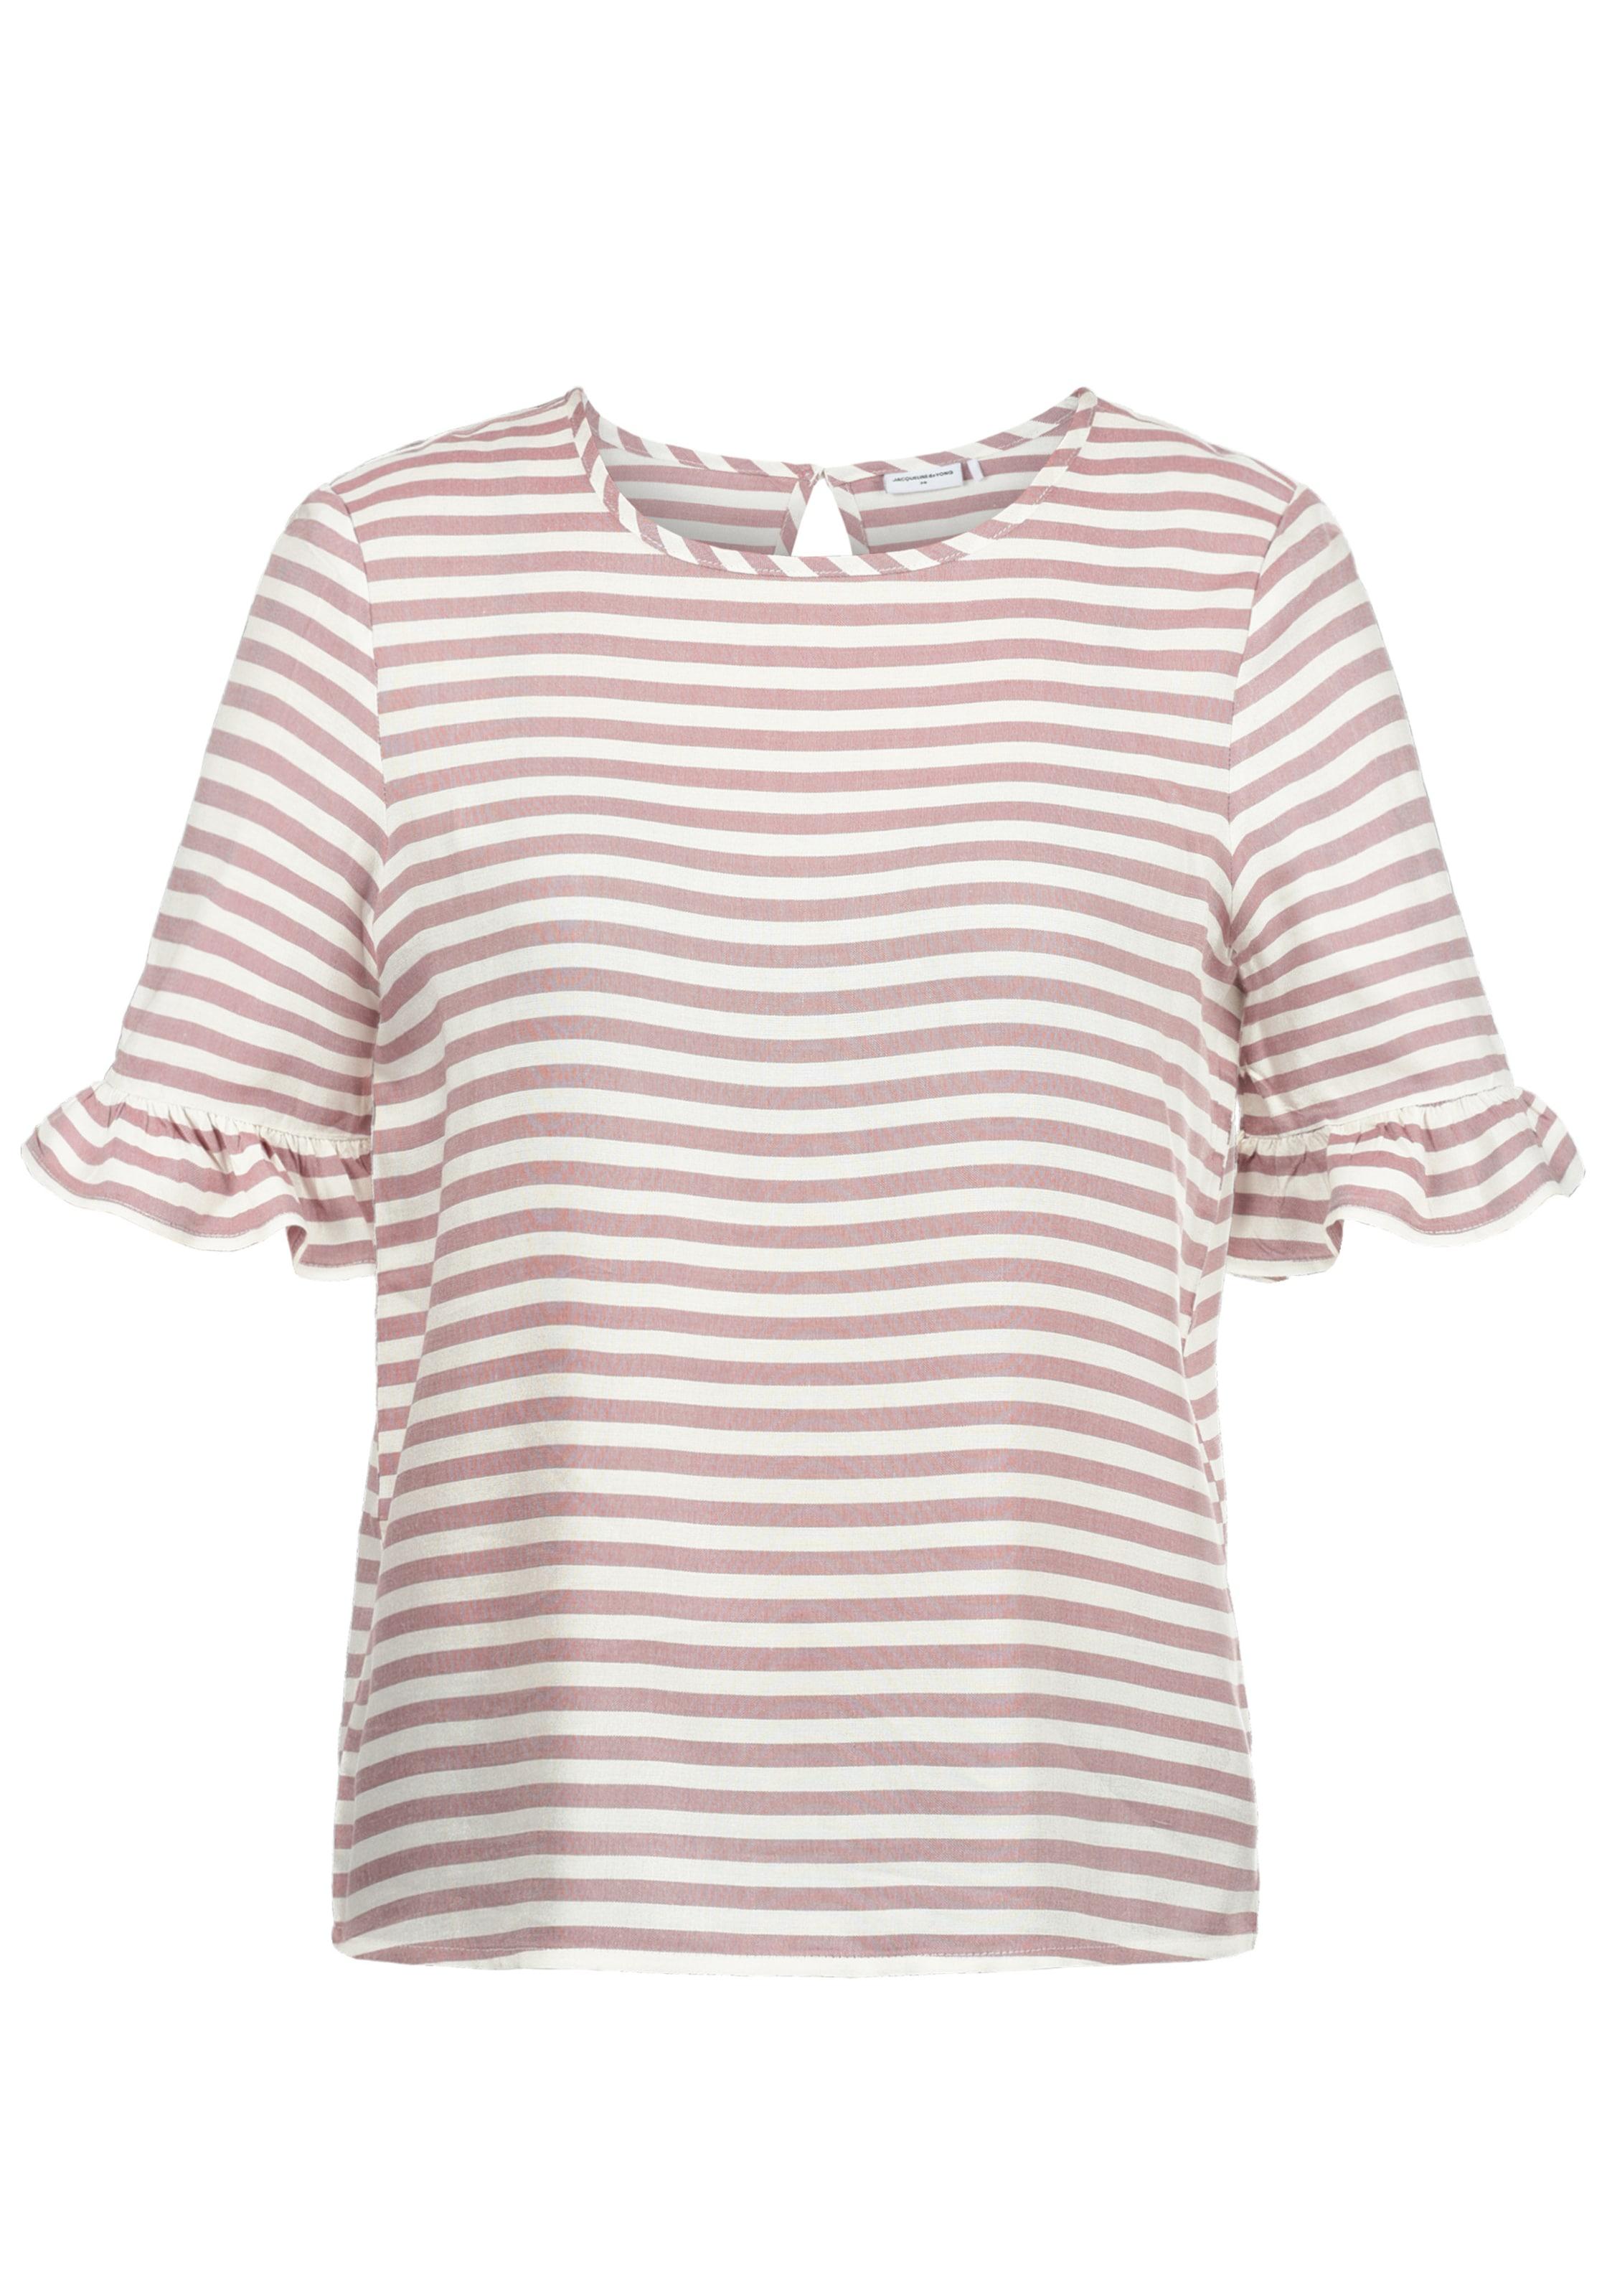 Shirt RosaWeiß Jacqueline Yong In De QdCtsBohxr